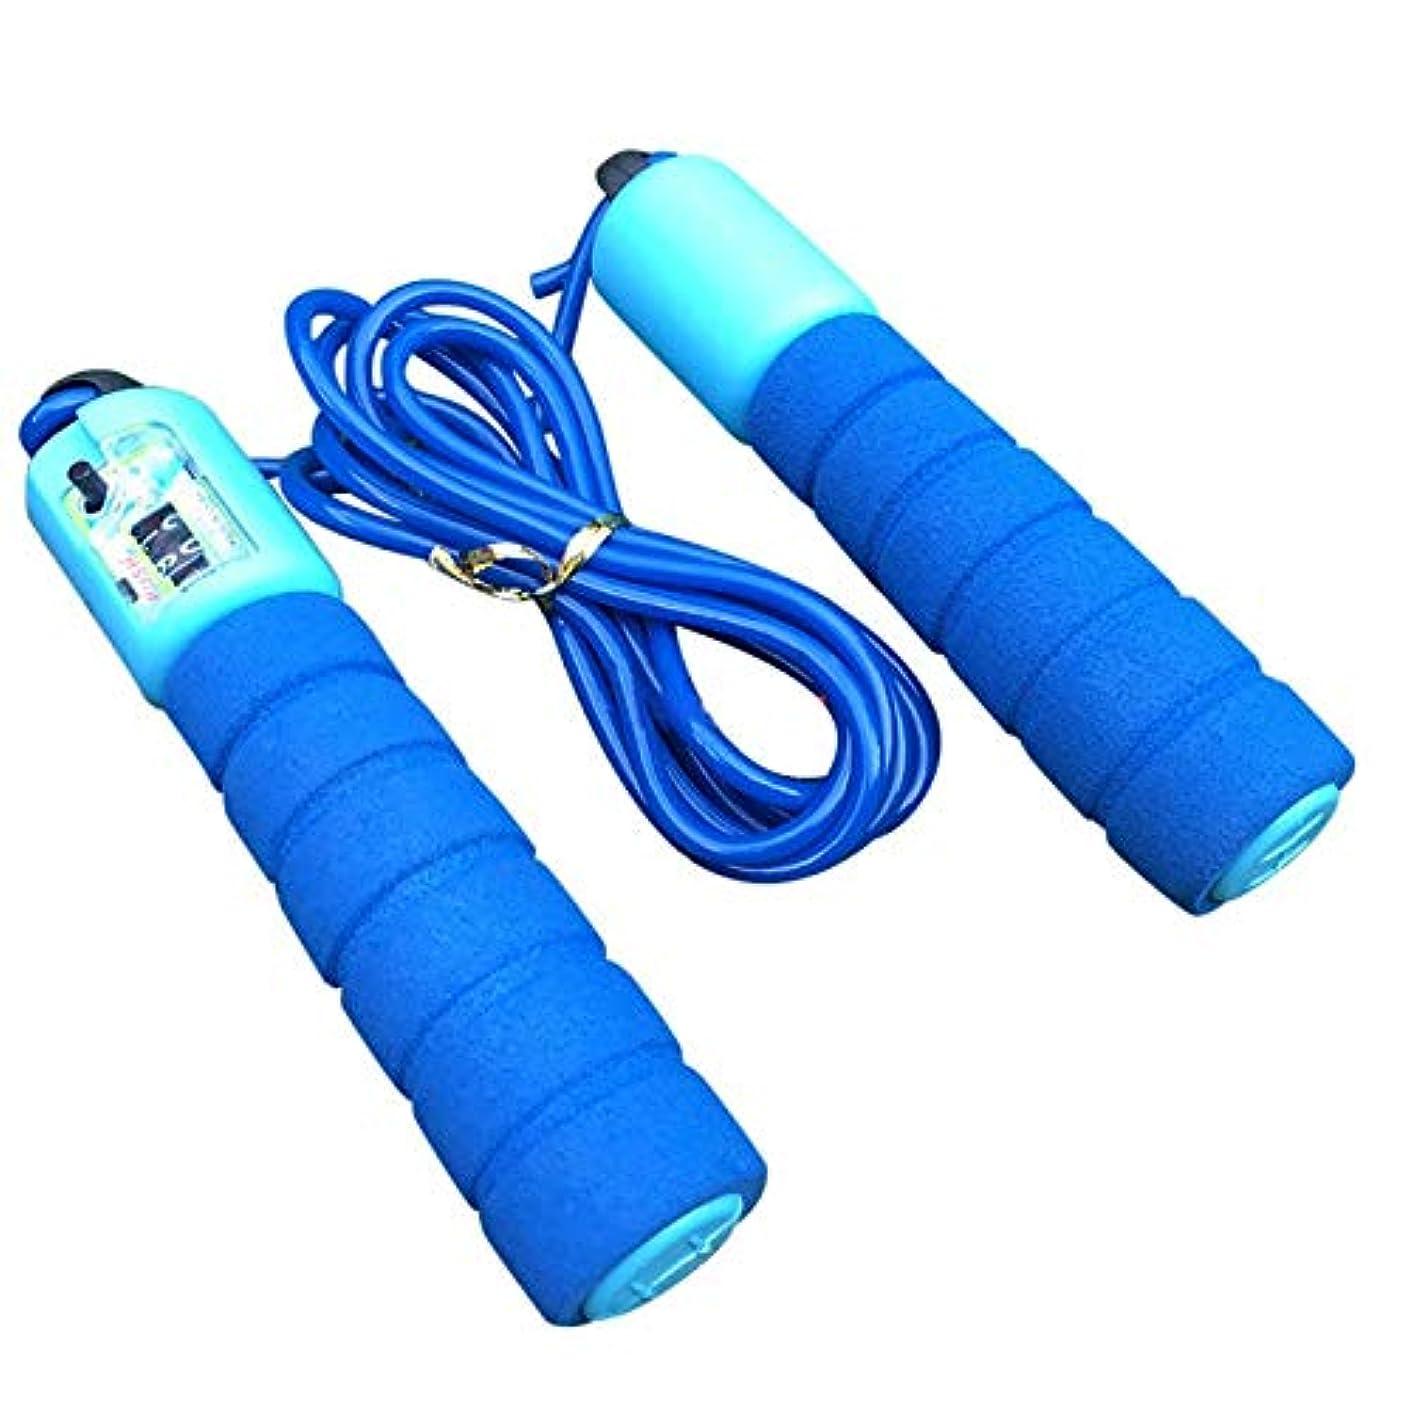 長椅子円形家族調整可能なプロフェッショナルカウント縄跳び自動カウントジャンプロープフィットネス運動高速カウントジャンプロープ - 青